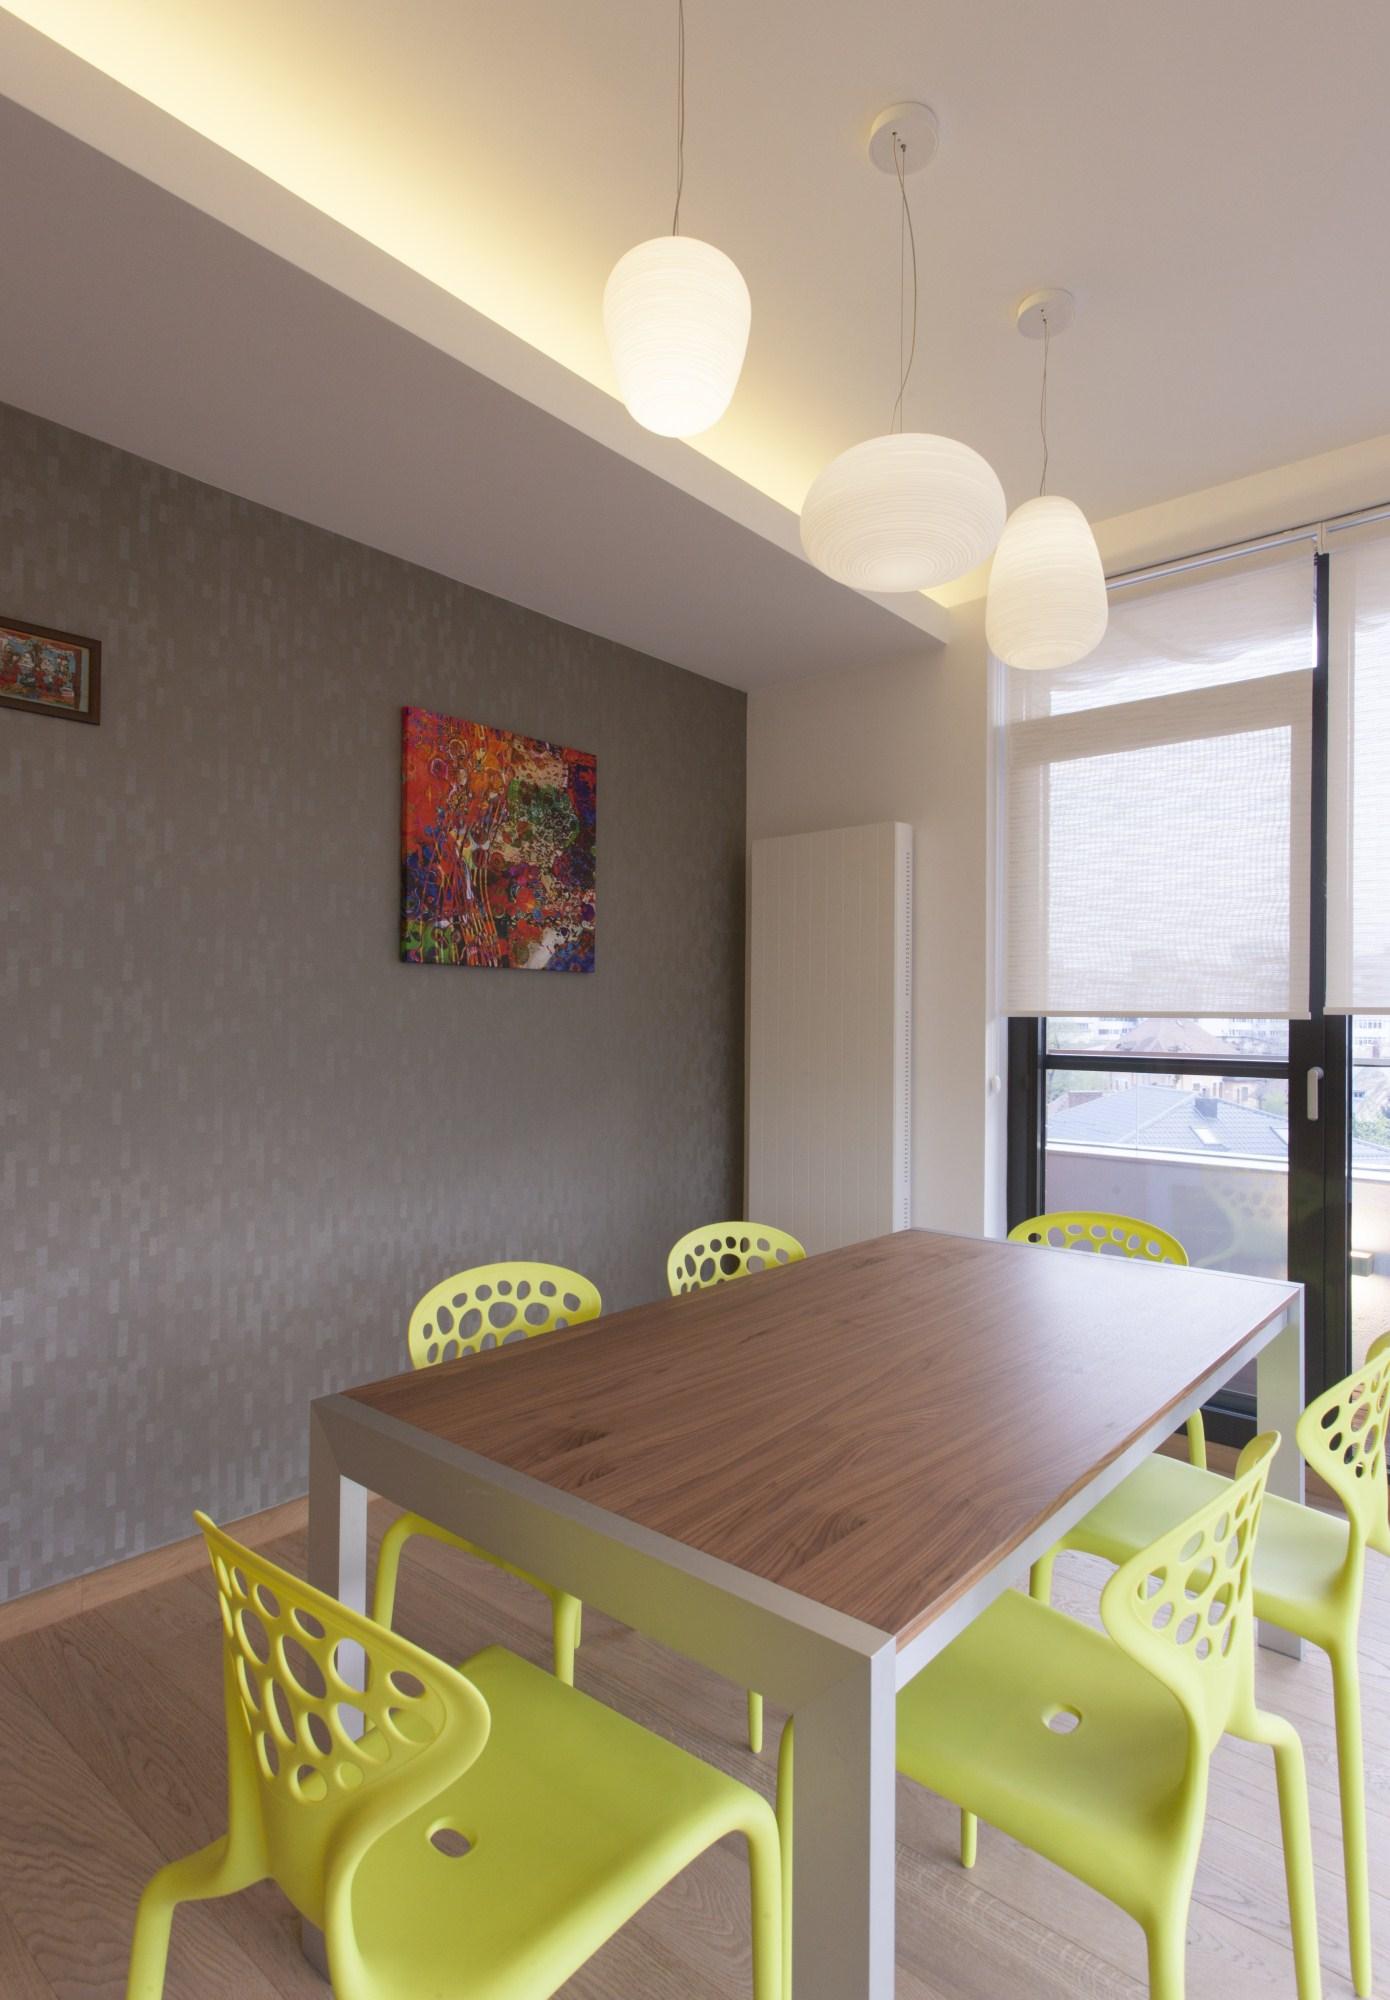 https://nbc-arhitect.ro/wp-content/uploads/2020/11/NBC-Arhitect-_-interior-design-_-Petofi-Sandor-_-Romania_26.jpg